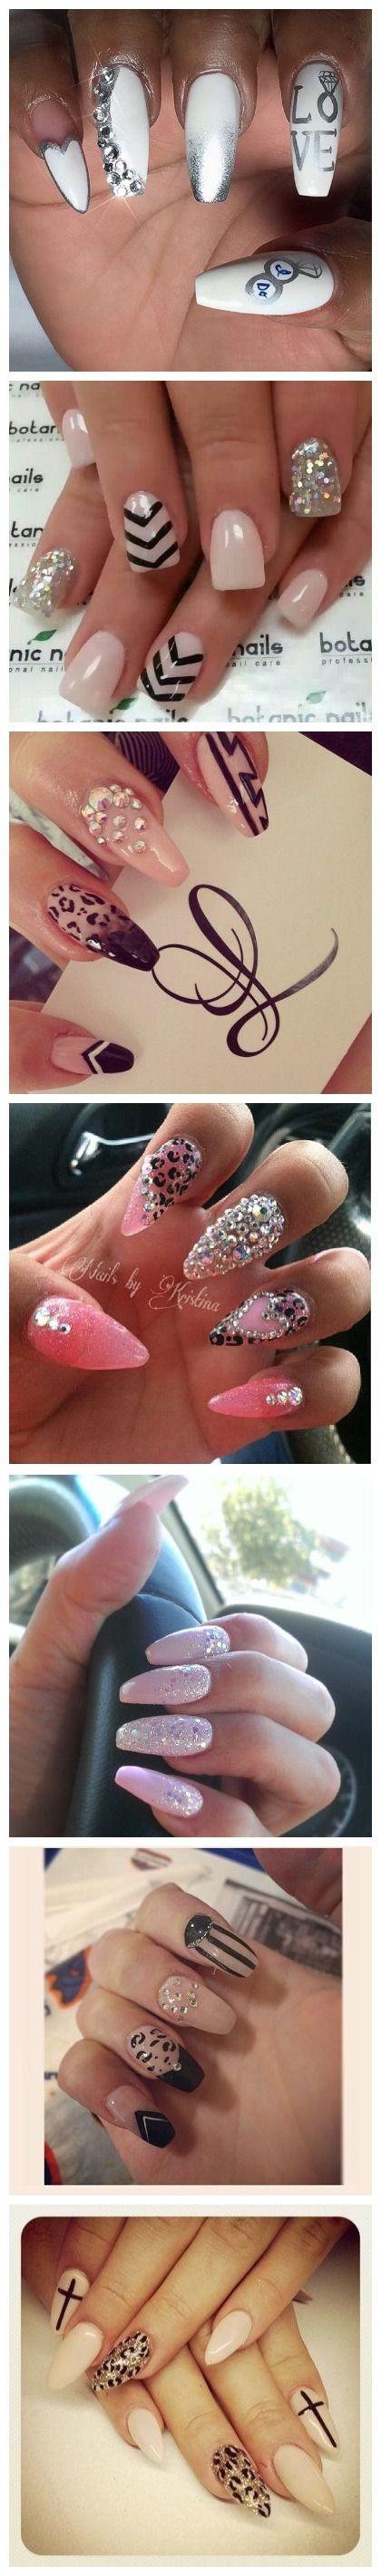 pinterest: @ gaaabbriellaa ♡ http://hubz.info/58/cute-nail-art ...